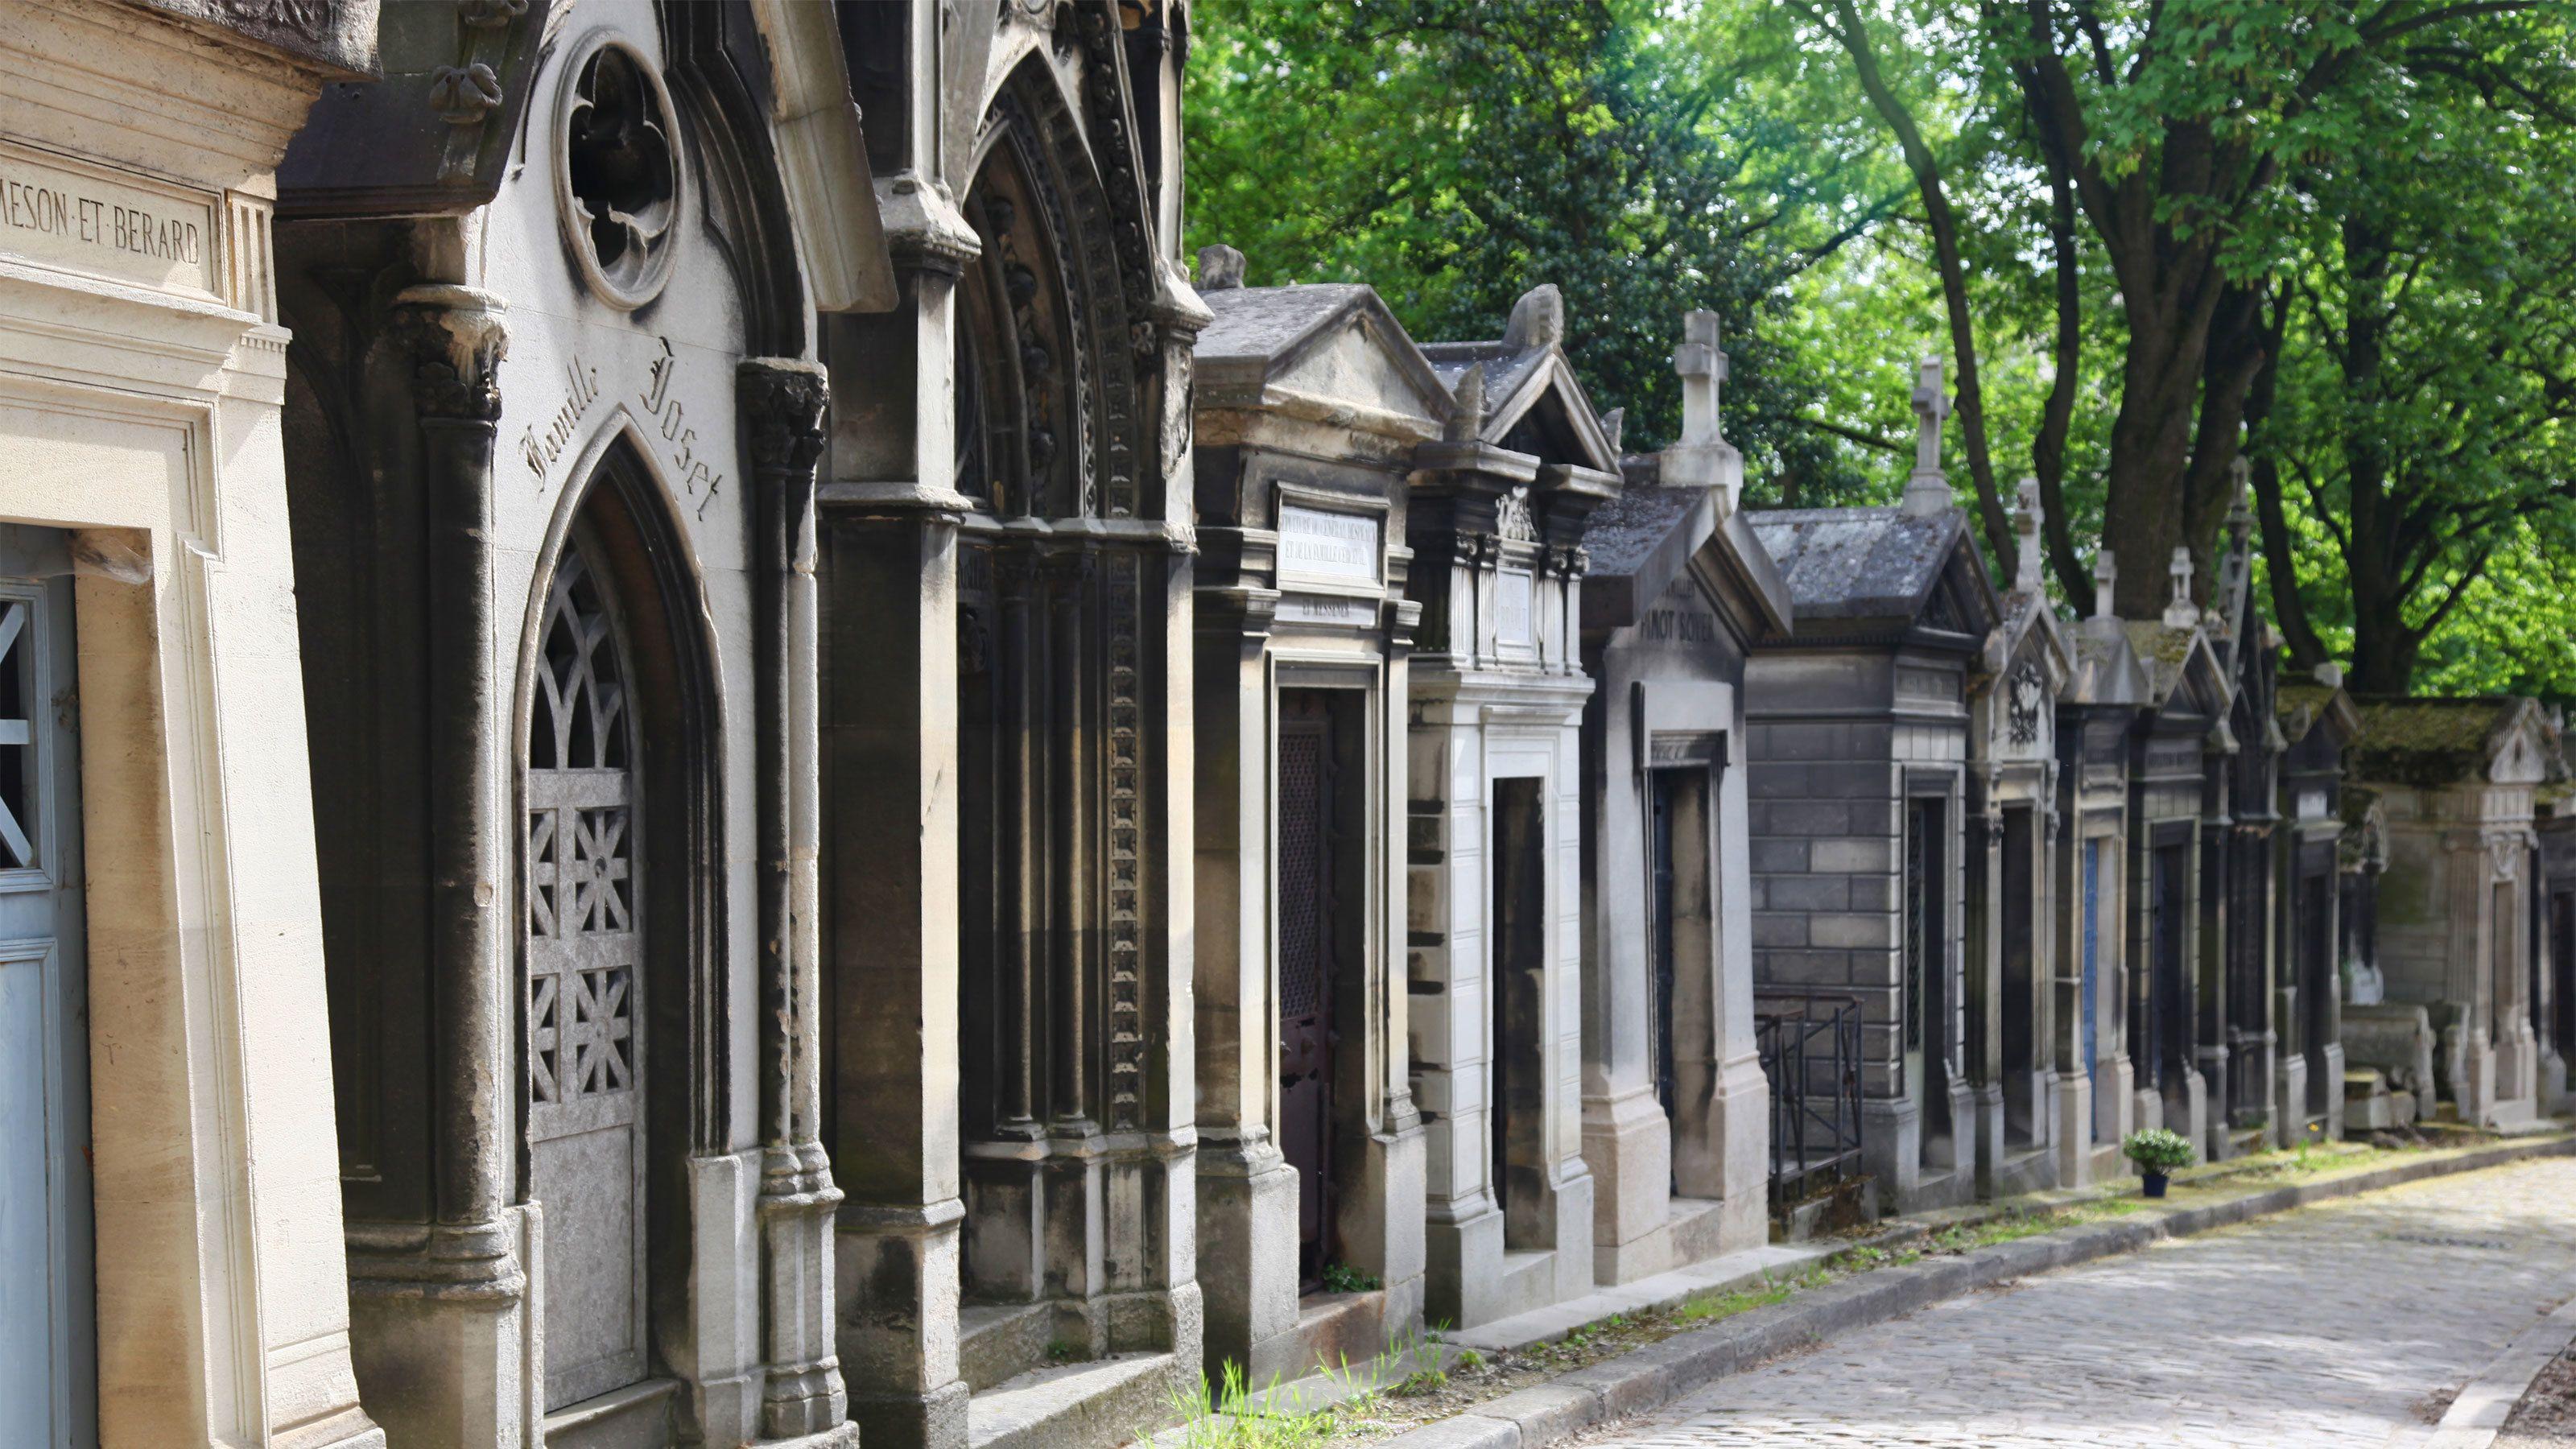 Mausoleum in a cemetery in Paris.